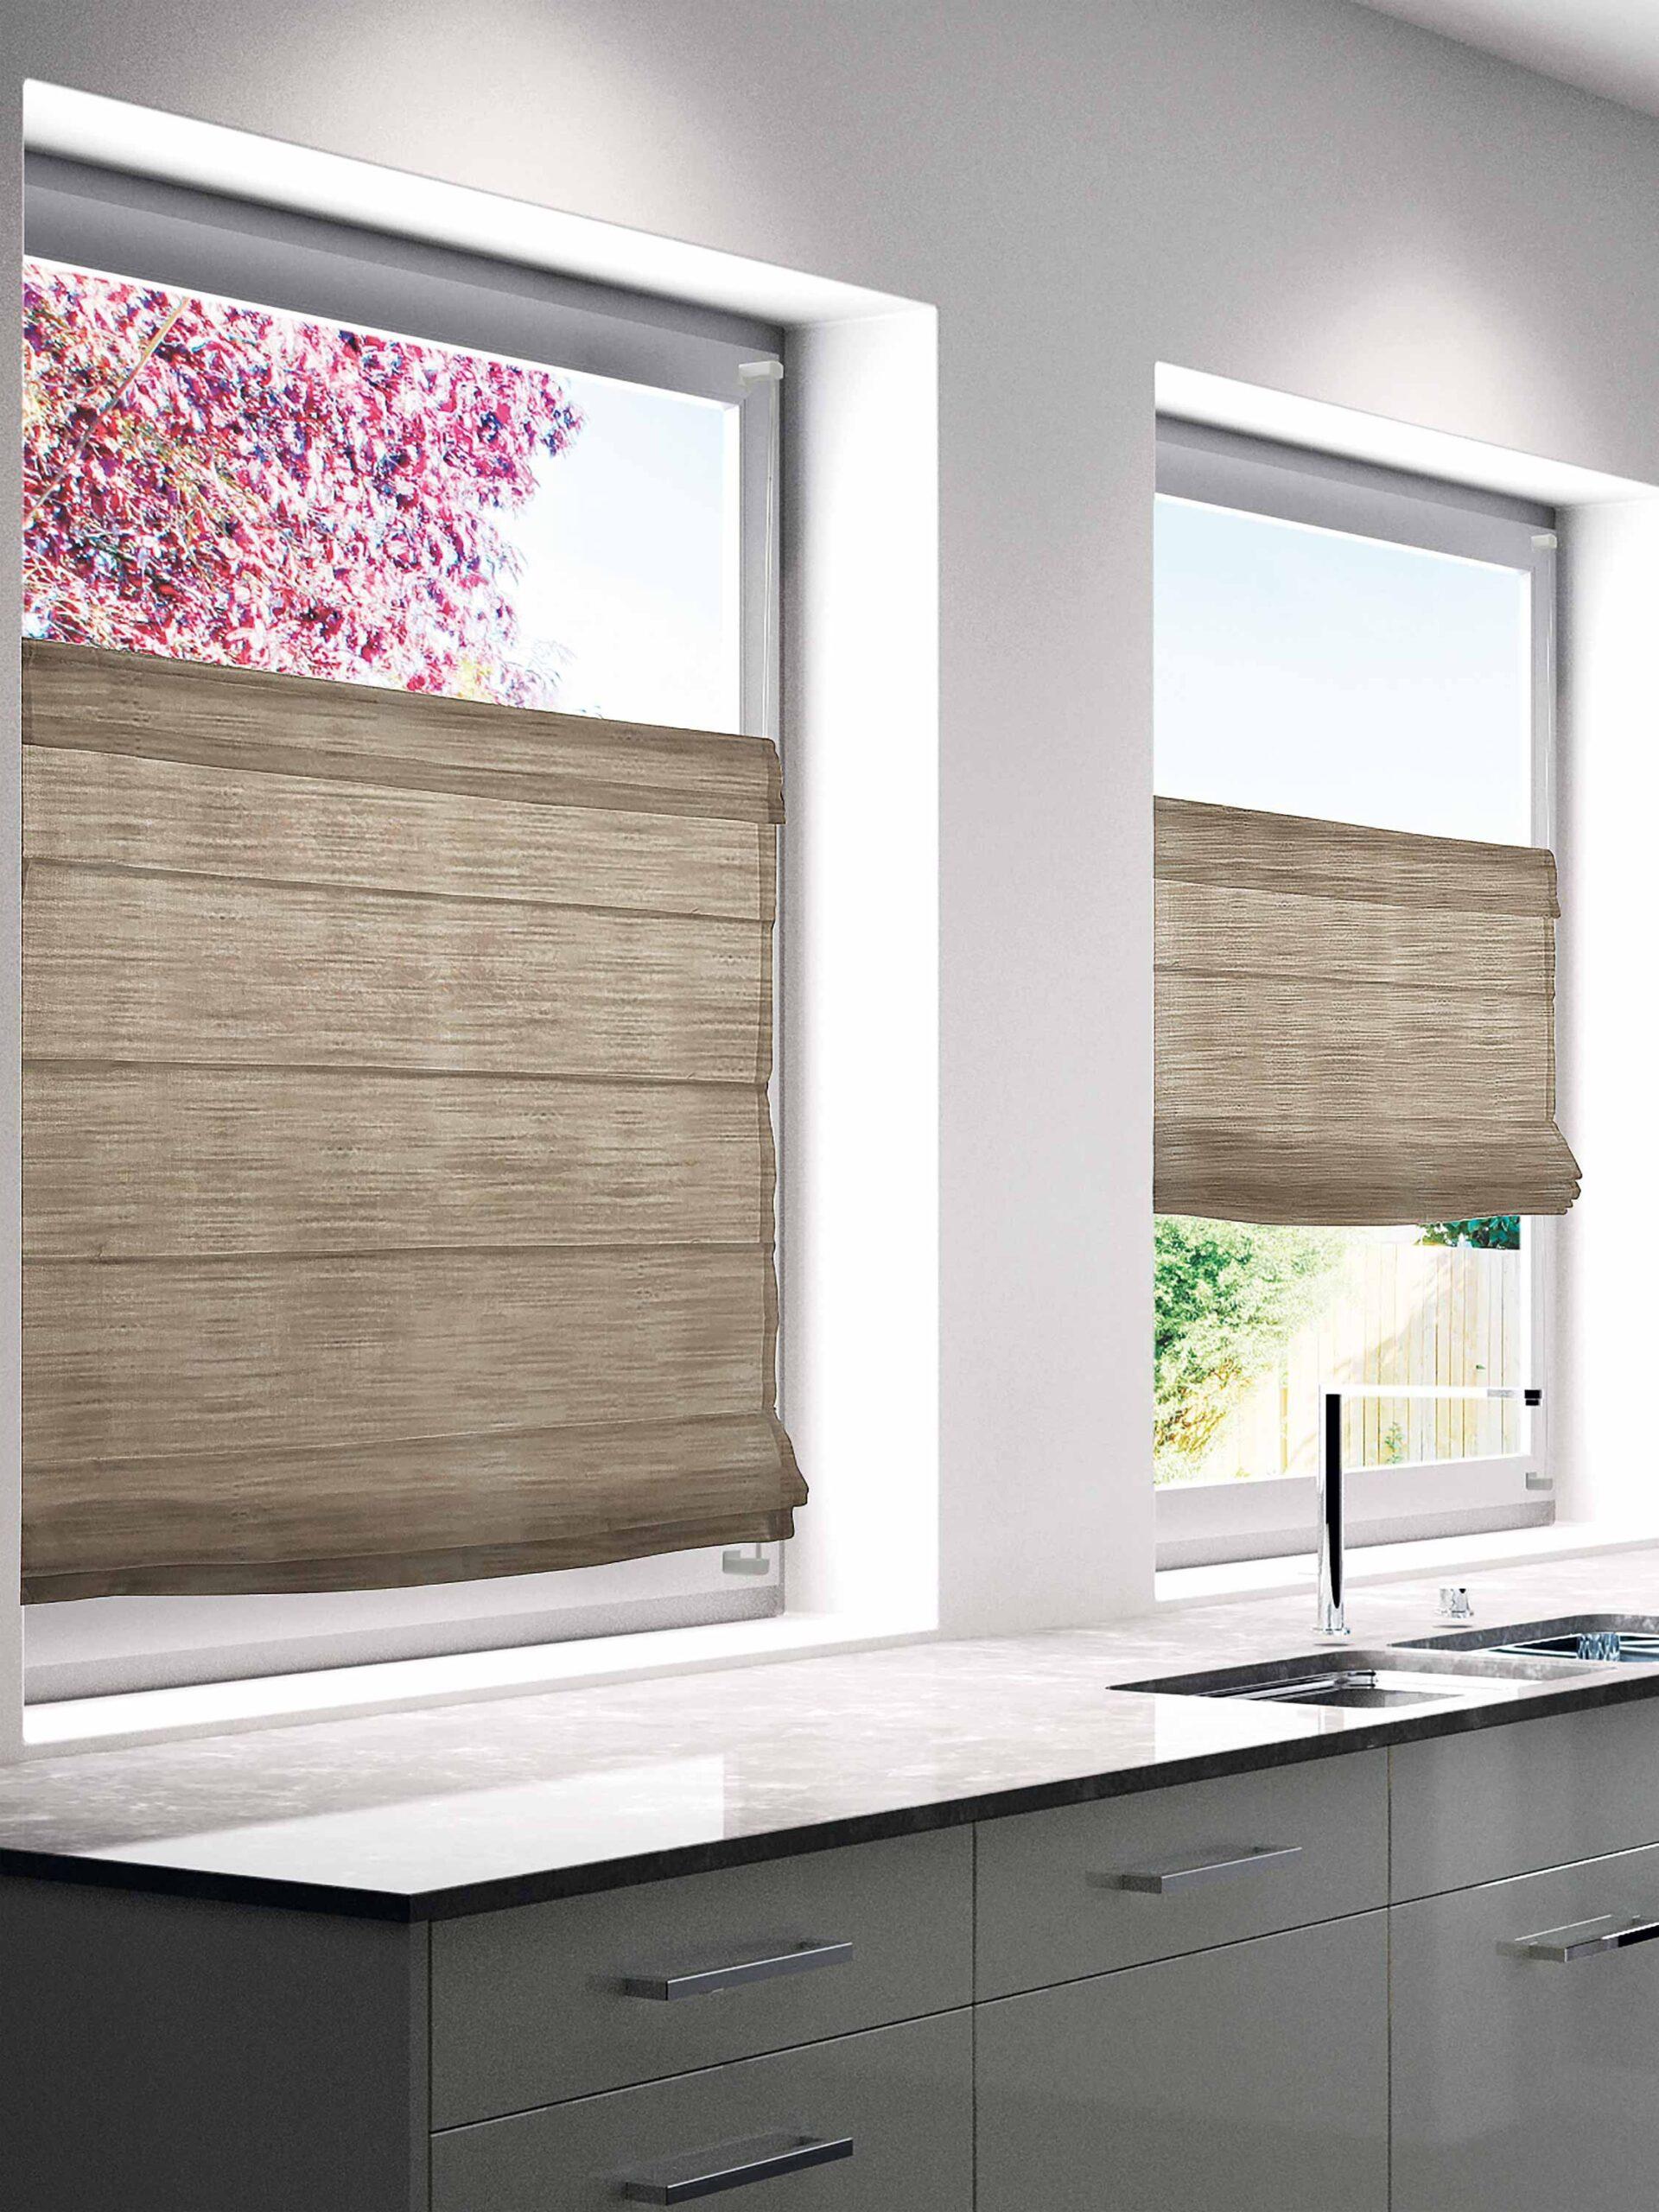 Full Size of Faltrollo Beige 60x130cm Bh 60x130 Cm Badezimmer Ohne Fenster Raffrollo Küche Wohnzimmer Raffrollo Küchenfenster